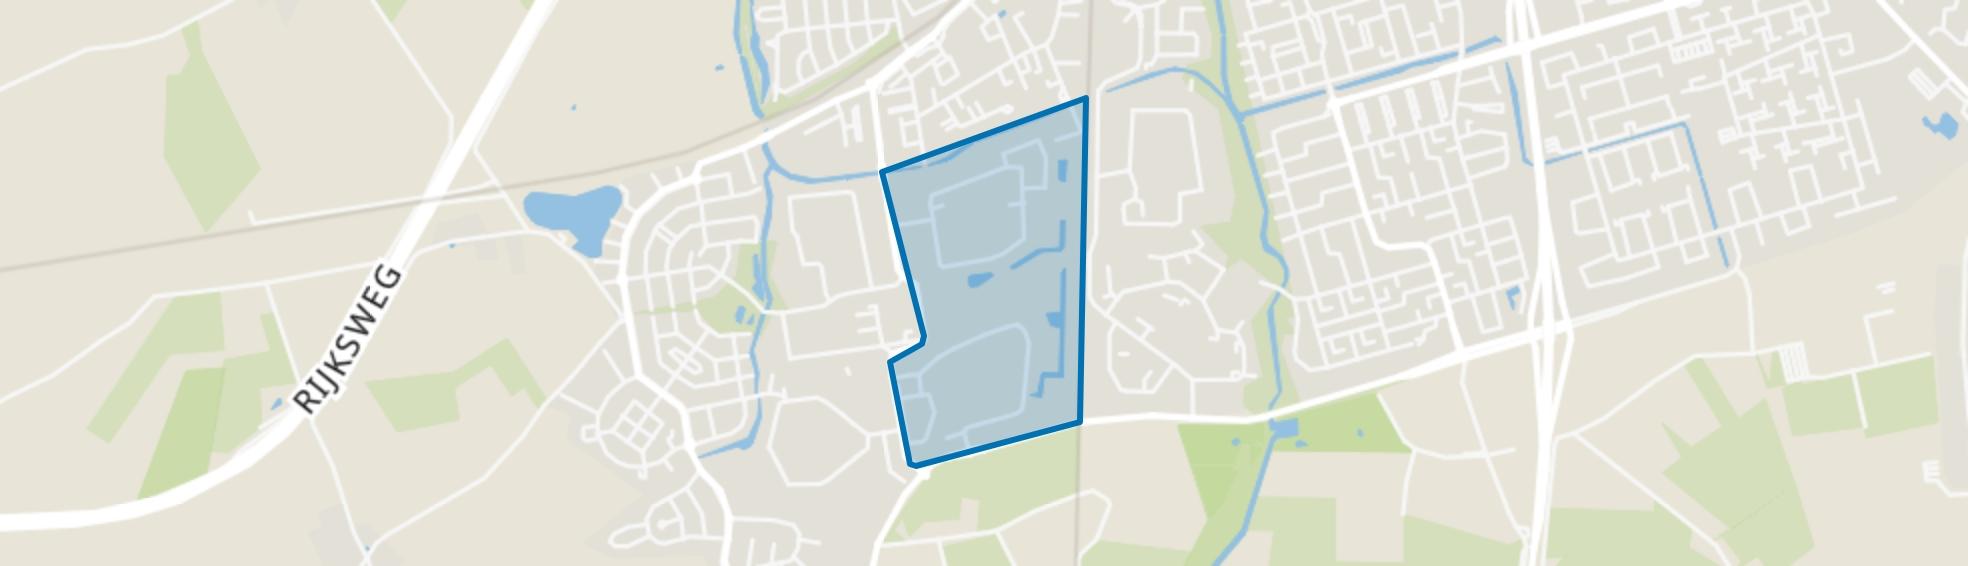 Tolberg-Oost, Roosendaal map